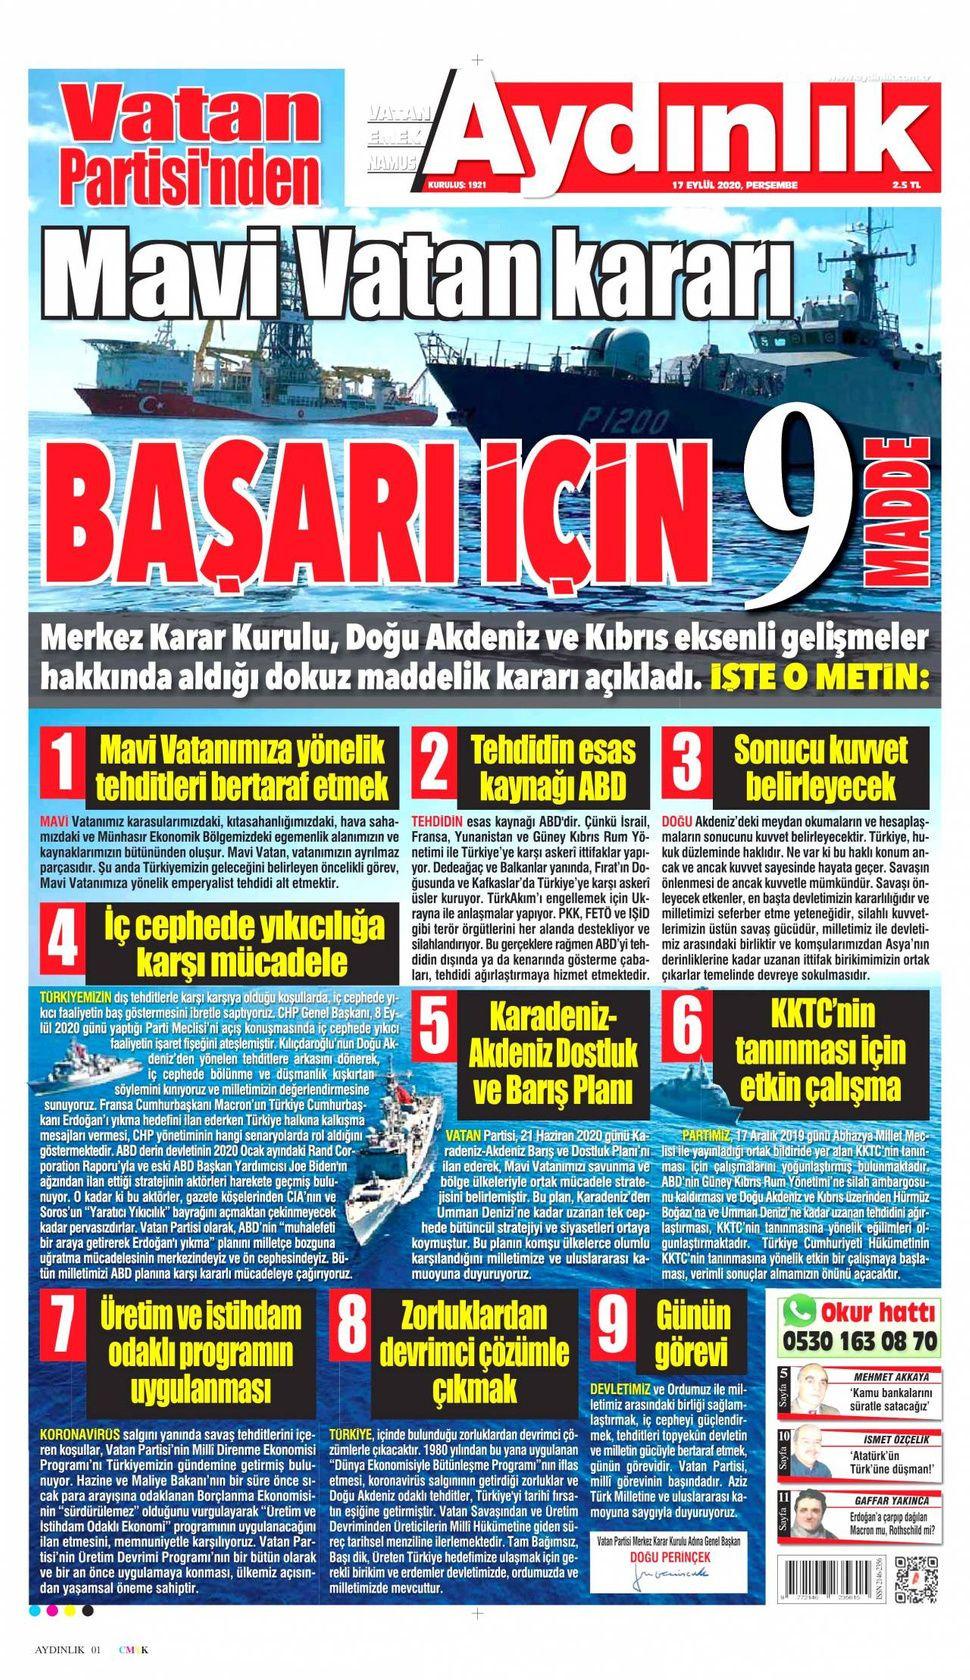 17 Eylül 2020 Perşembe gazete manşetleri! - Sayfa 3